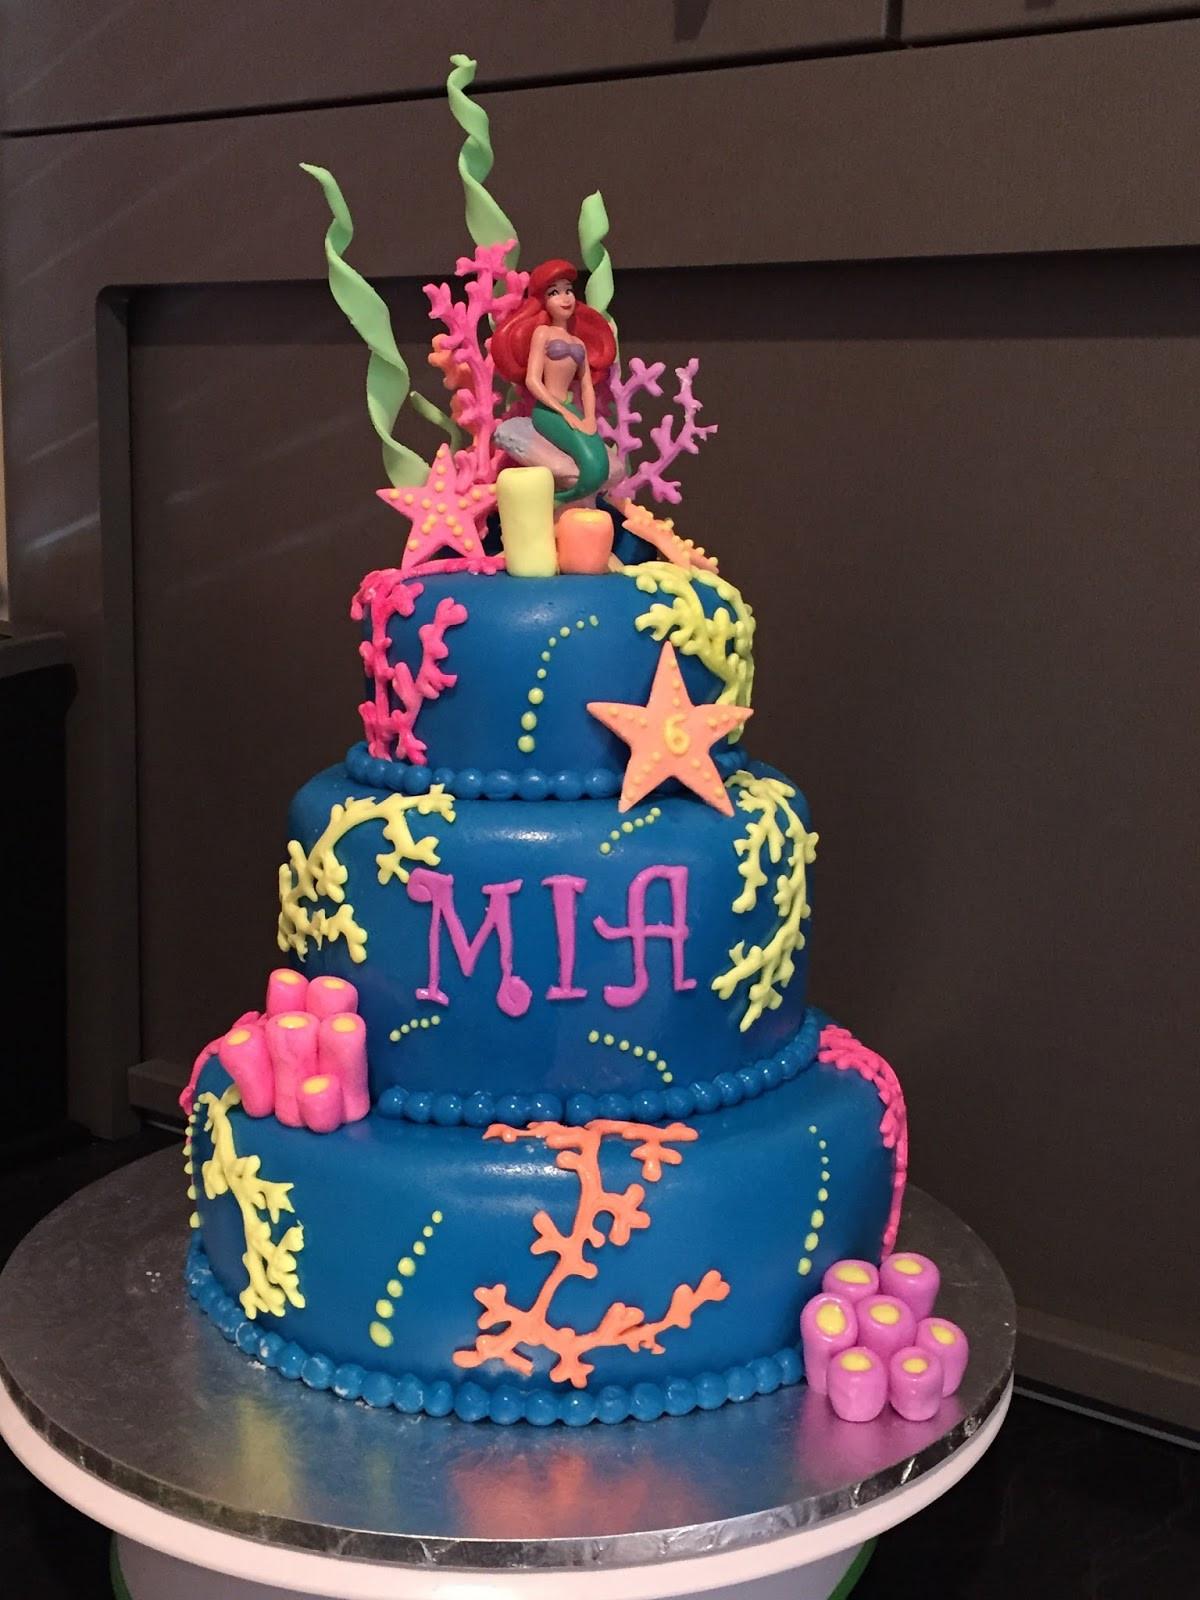 Glow In The Dark Birthday Cake  Kiwi Cakes Glow in the dark cake from Kiwicaker Sonja